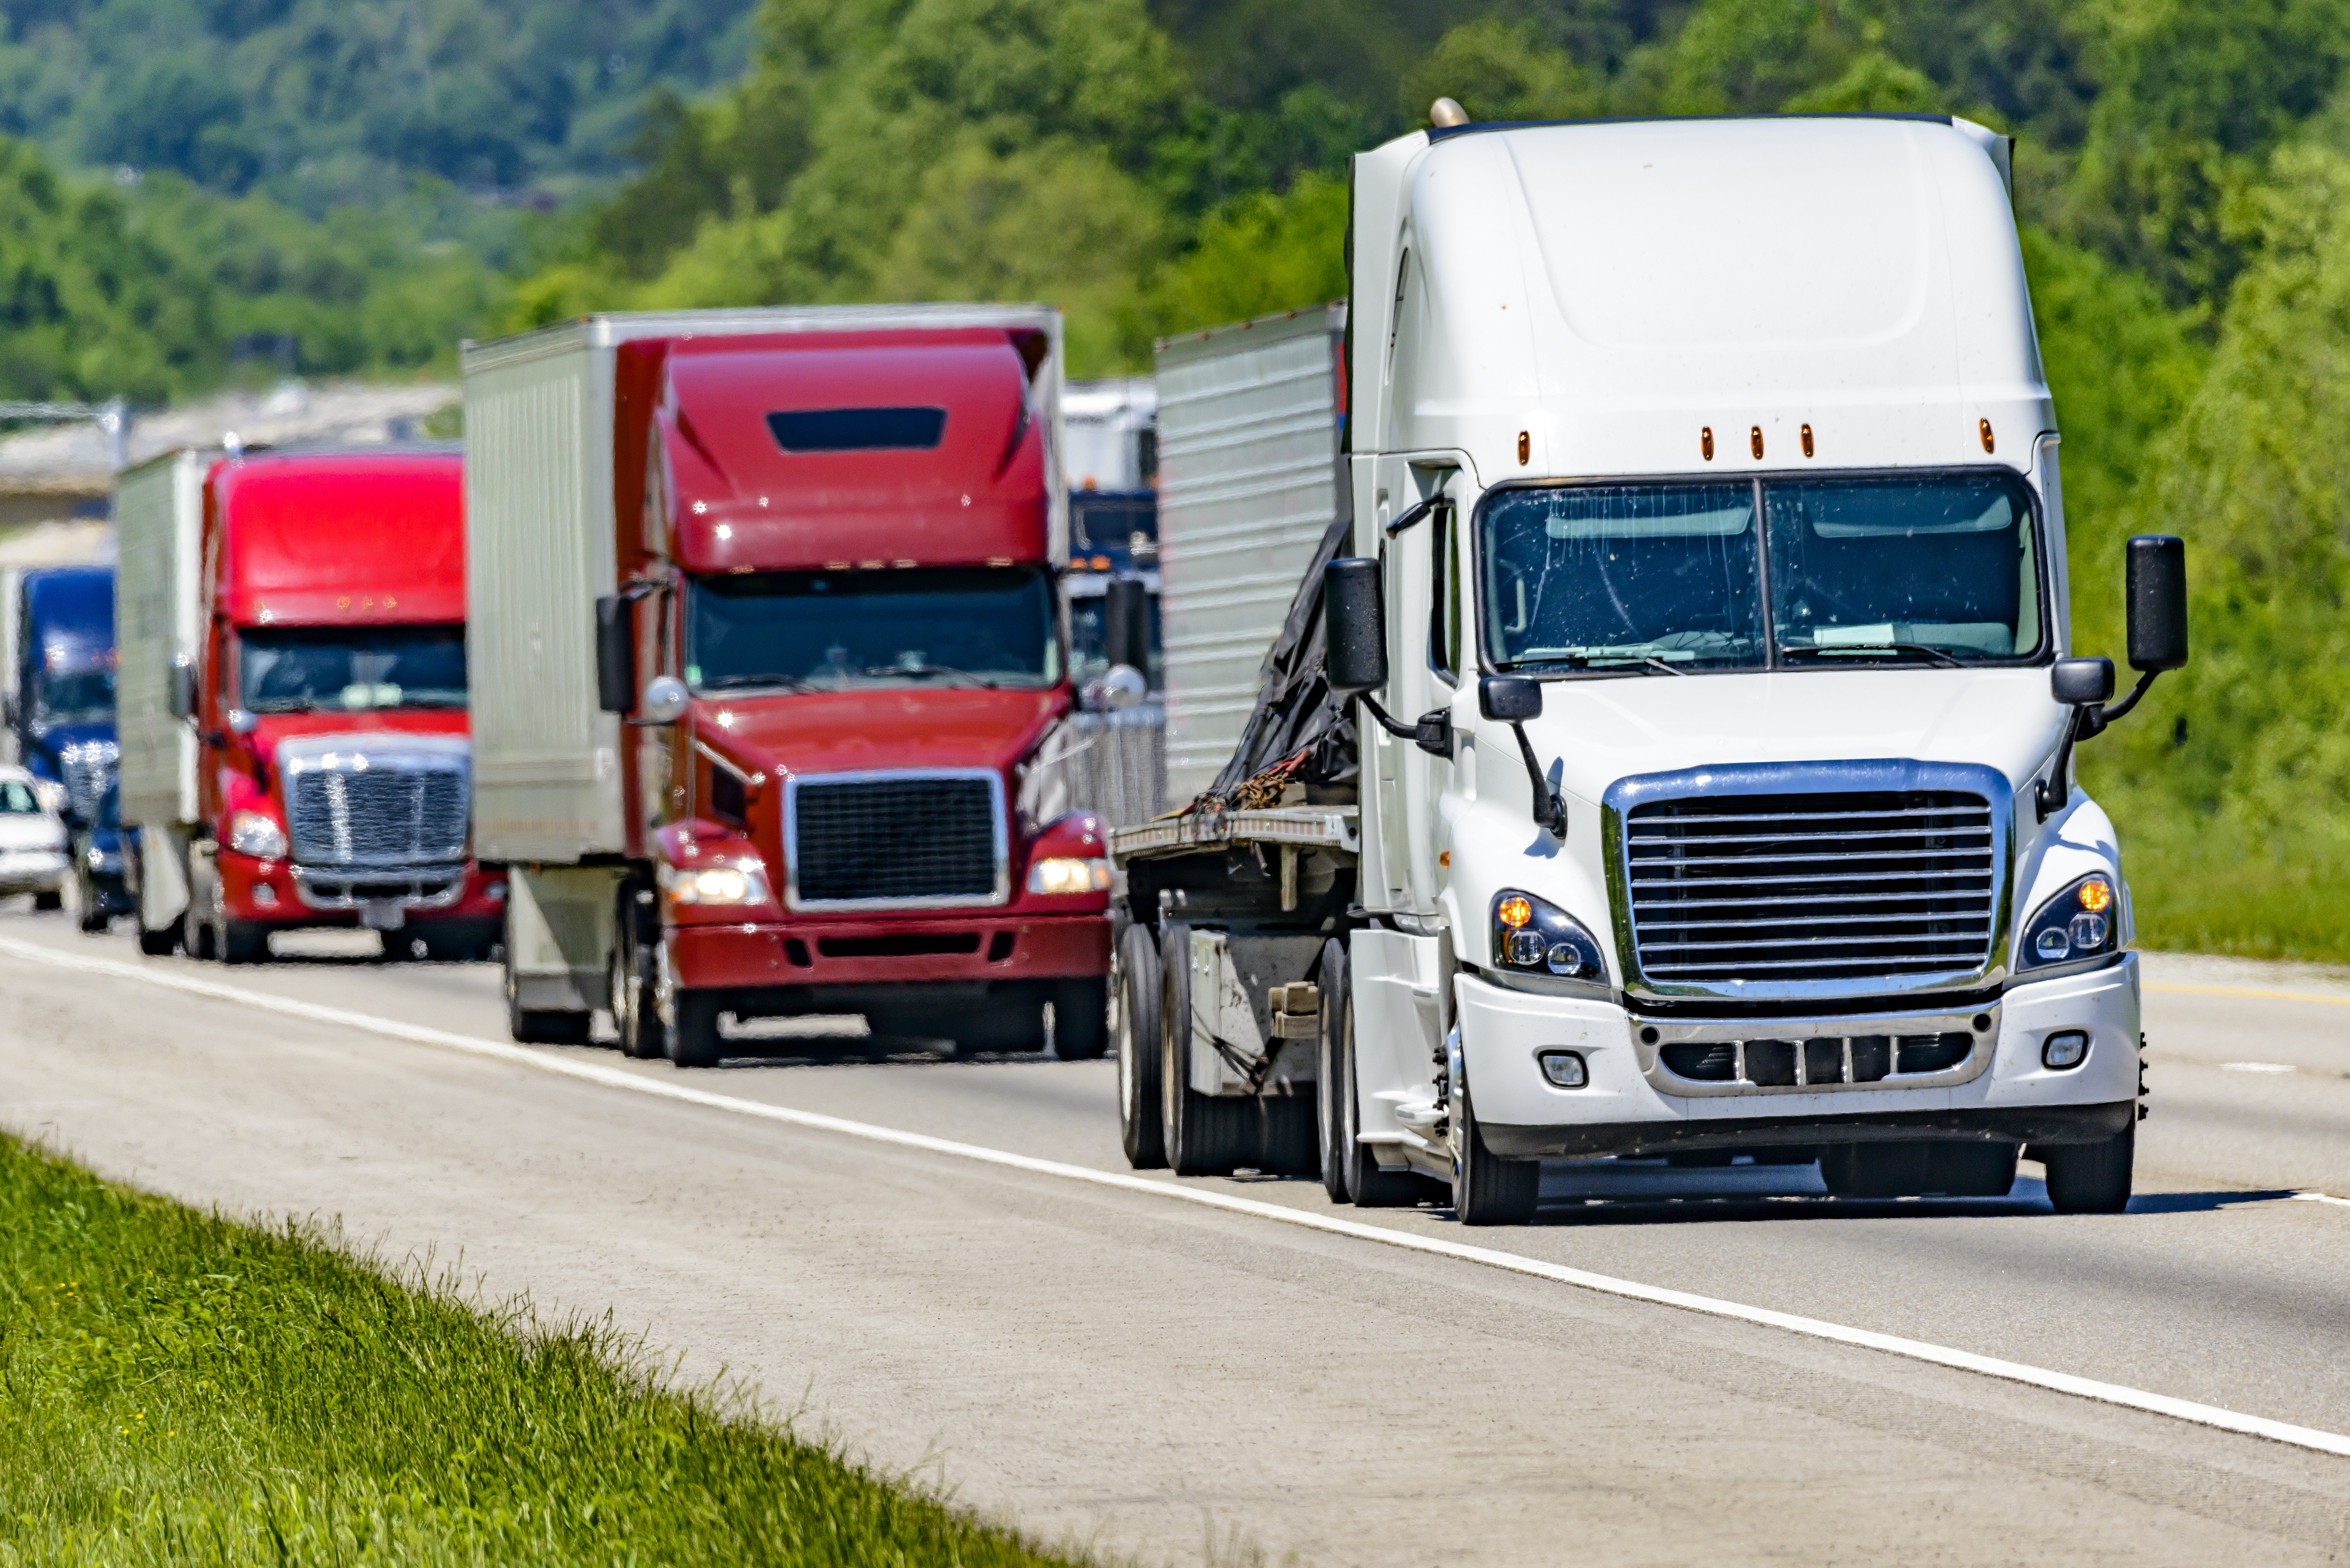 trucks on highway.jpg